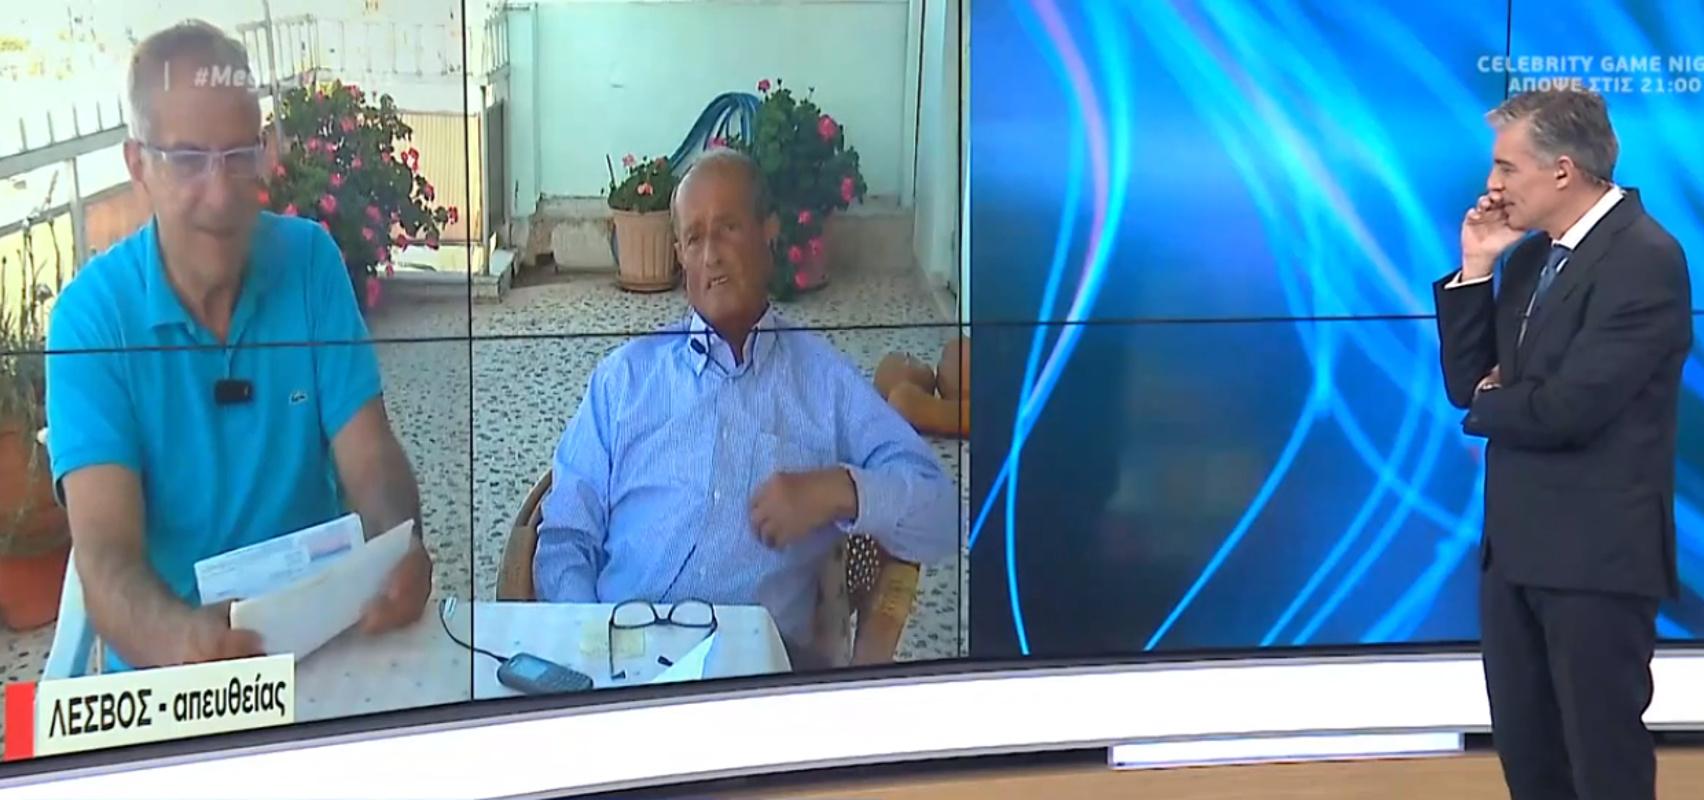 Απίστευτο περιστατικό στη Μυτιλήνη: Του έστειλαν γράμμα το 2003 και το έλαβε τώρα